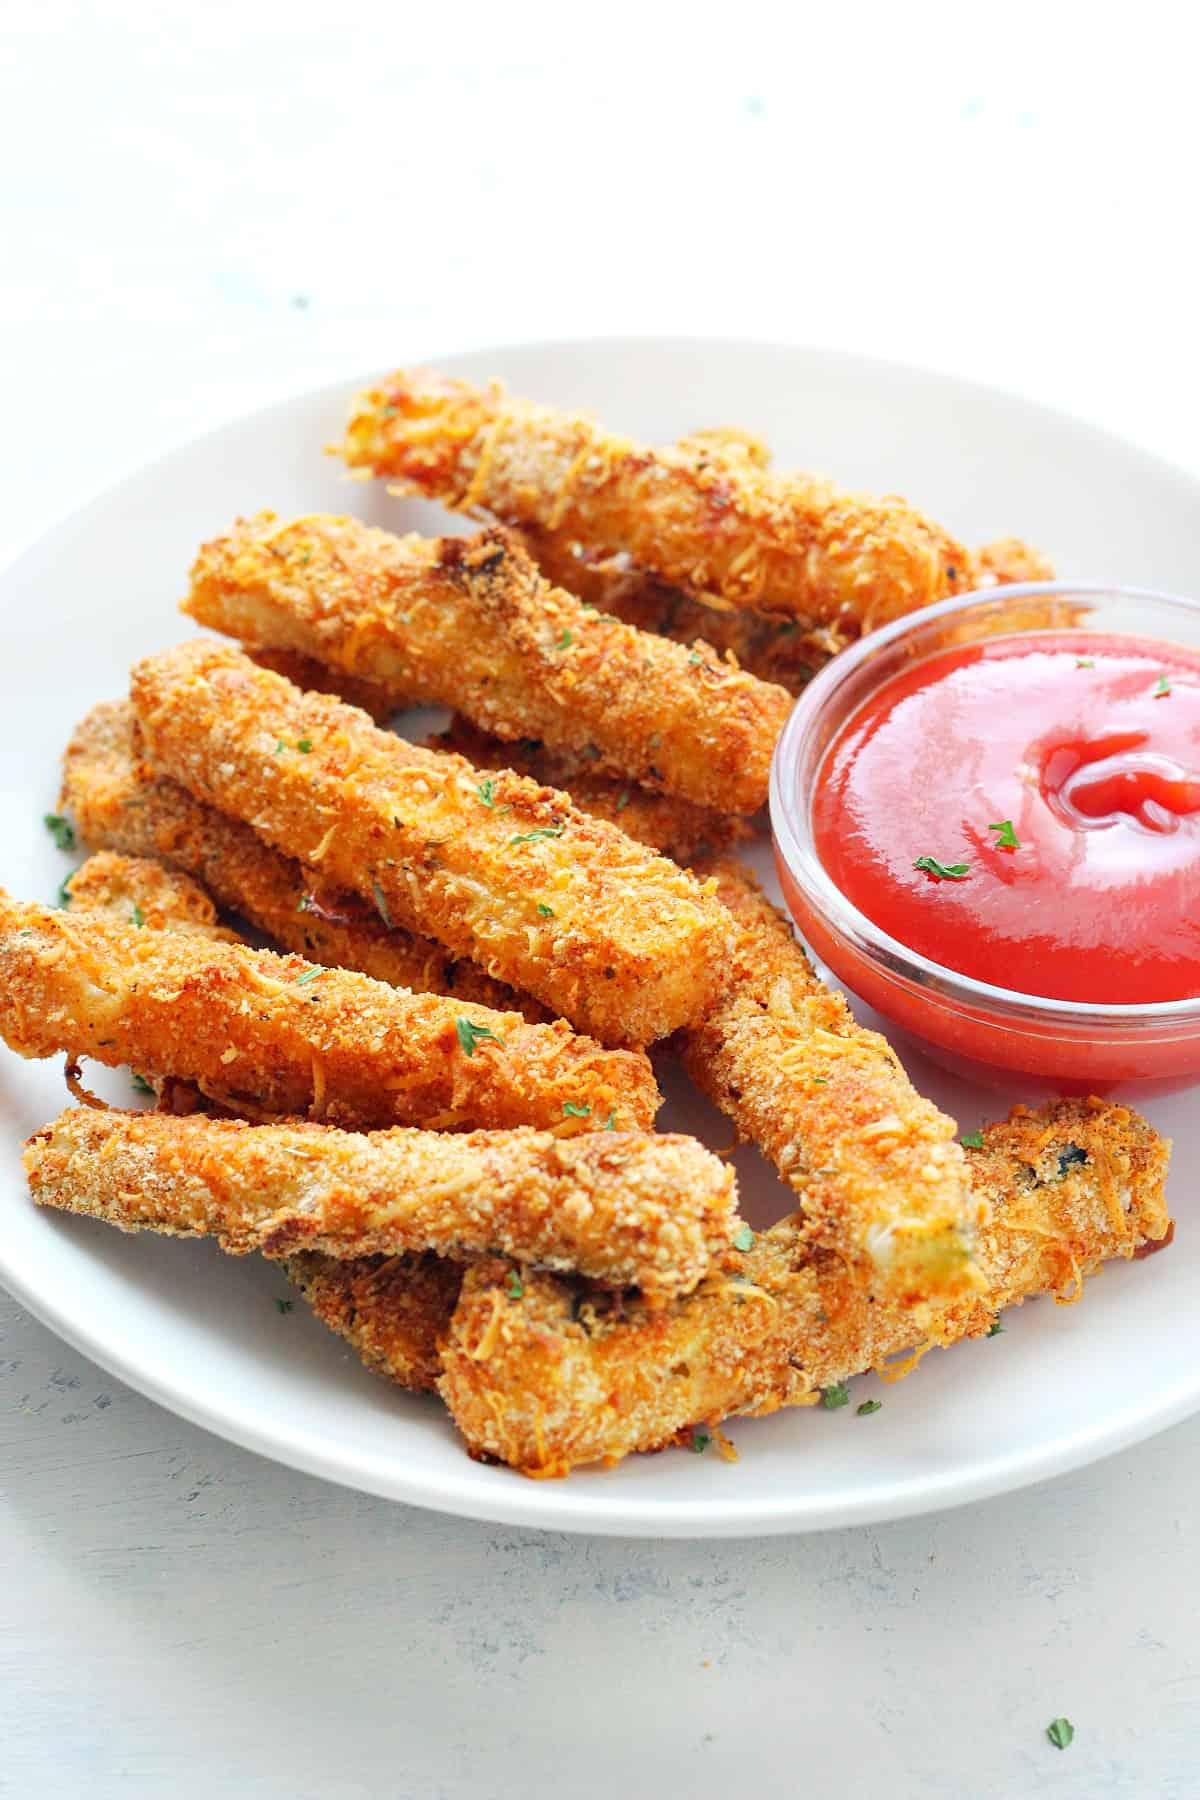 zucchini fries A Crispy Zucchini Fries